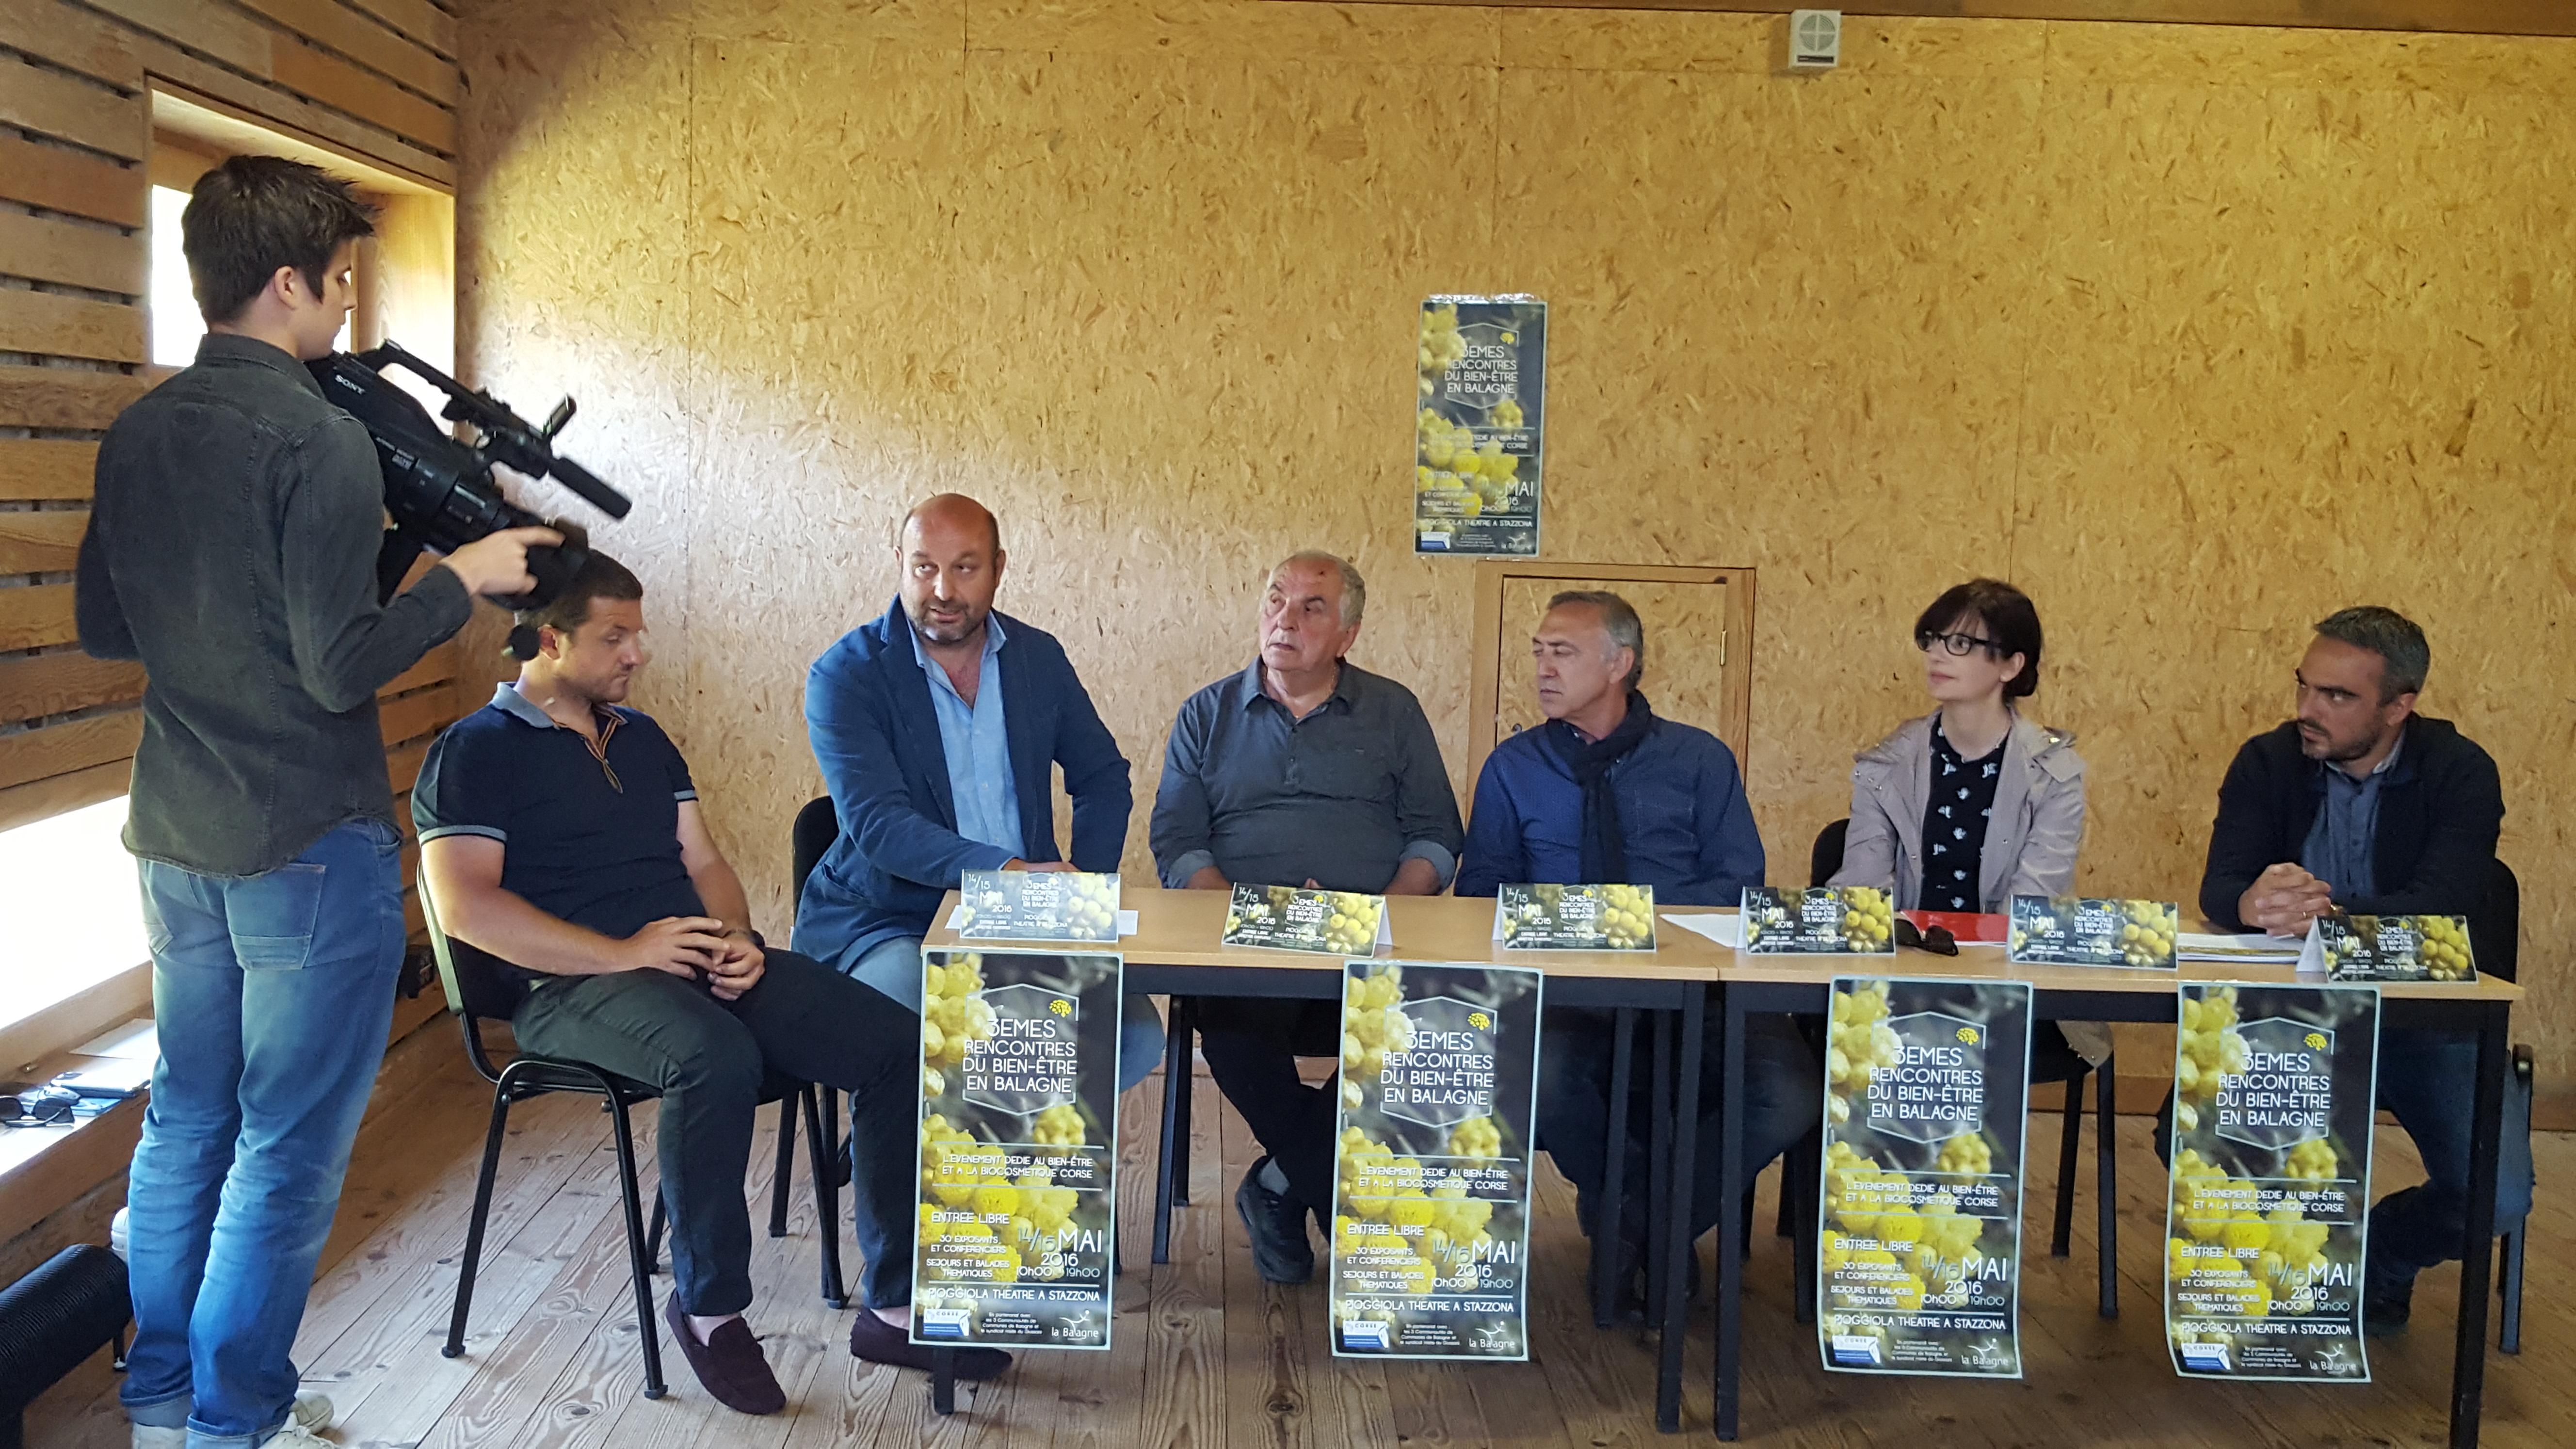 Ouverture samedi des Rencontres du Bien-Être à Pioggiola